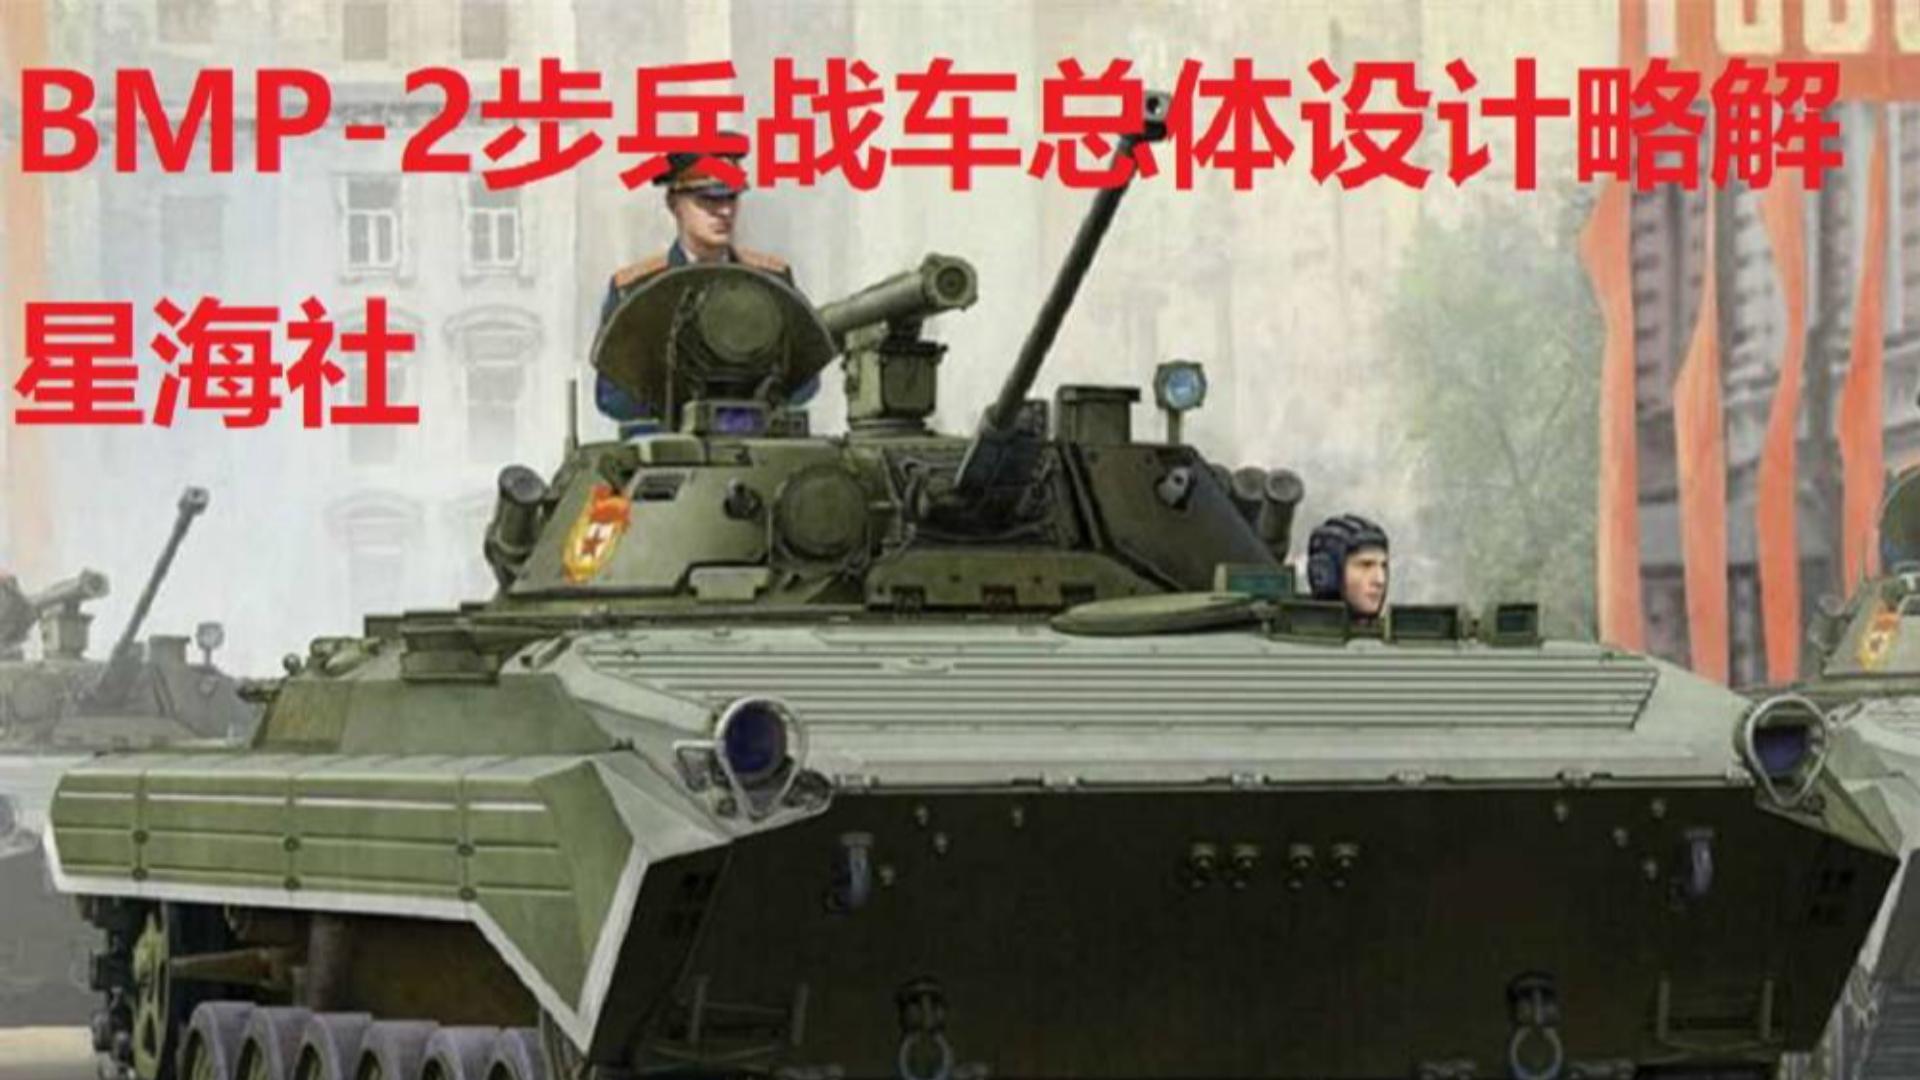 【星海社第201期】撒旦的战车:BMP-2总体设计略解